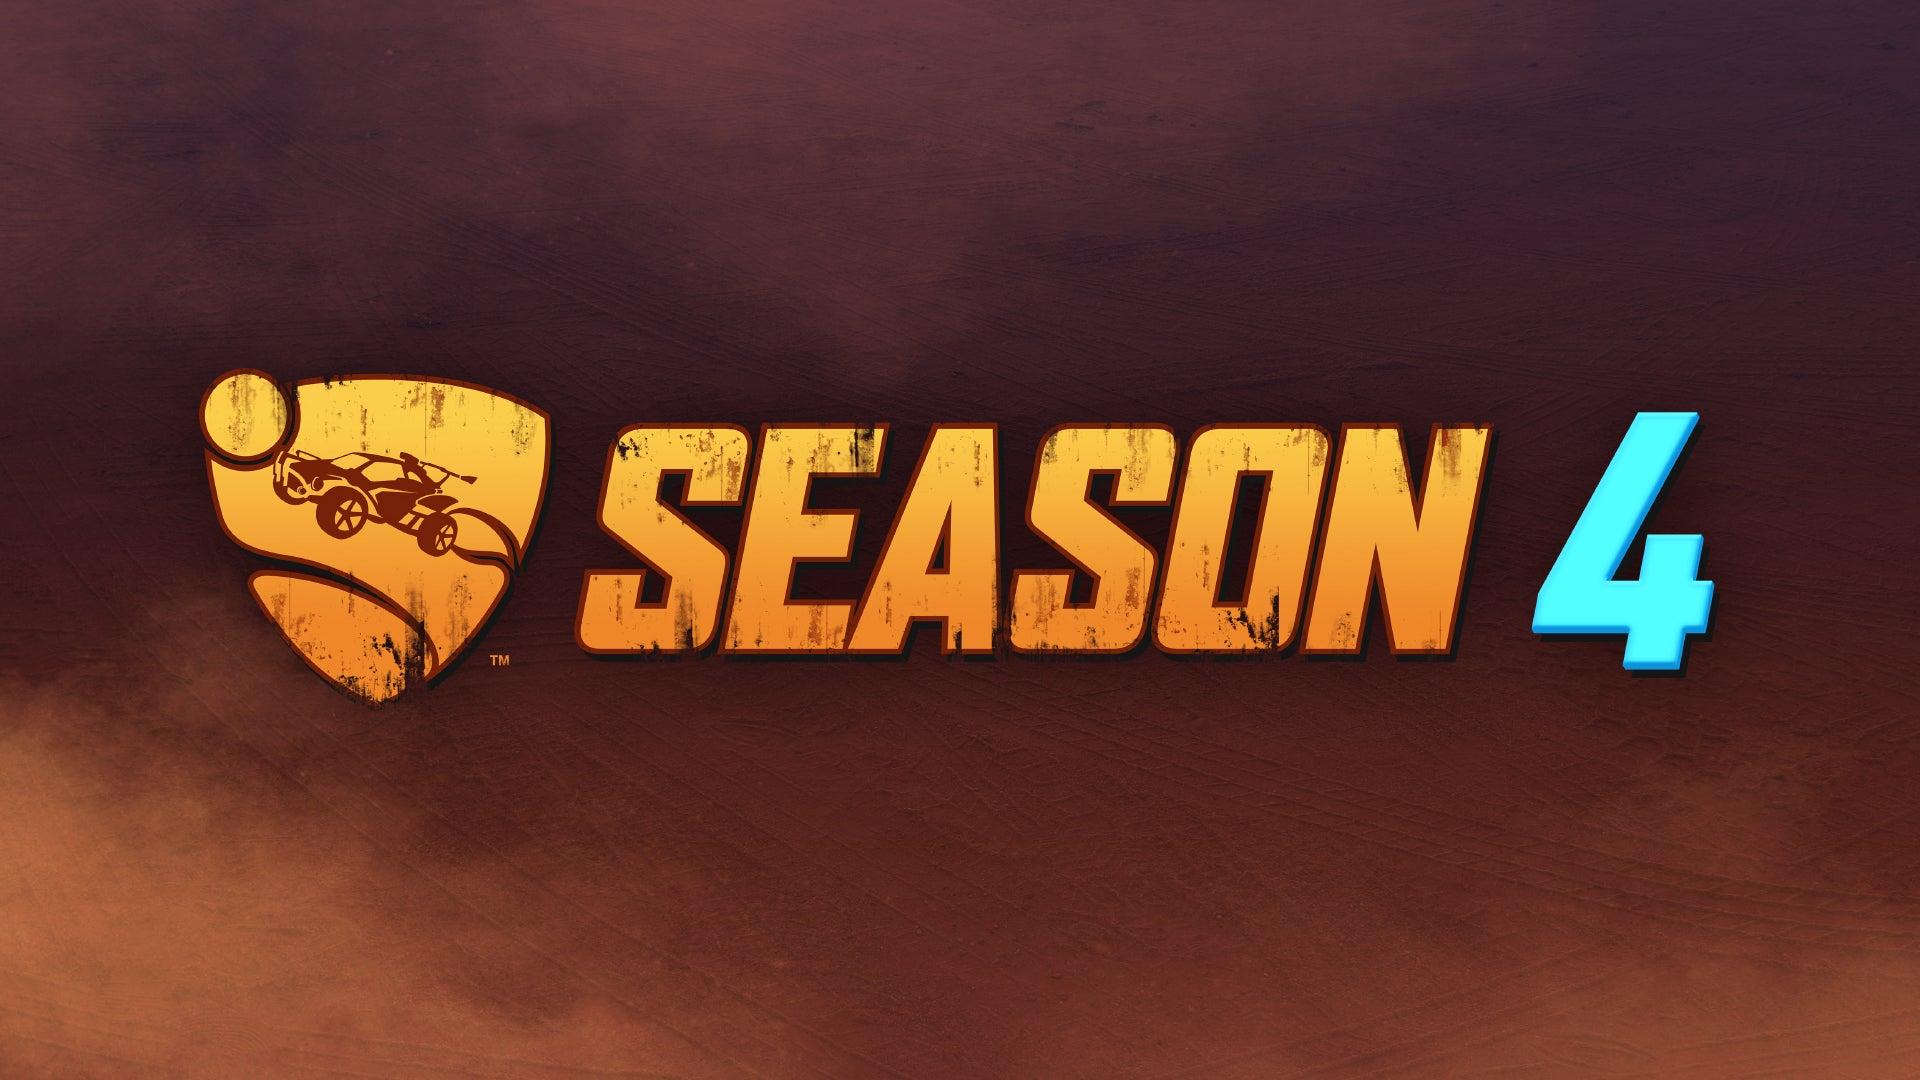 Season 4 Tease